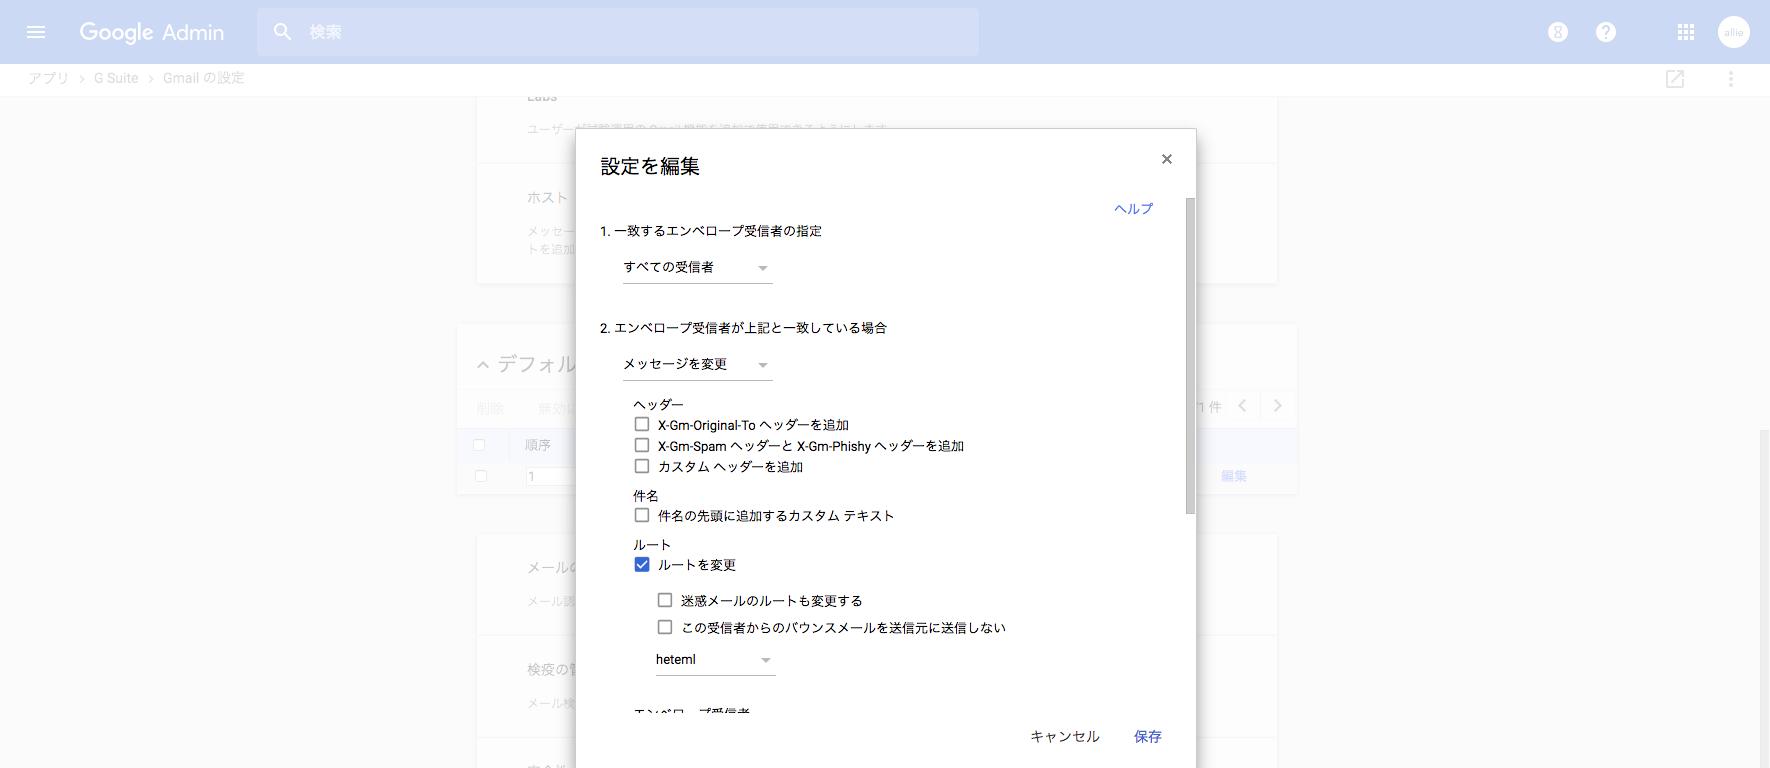 Google 管理コンソール -デフォルトの転送